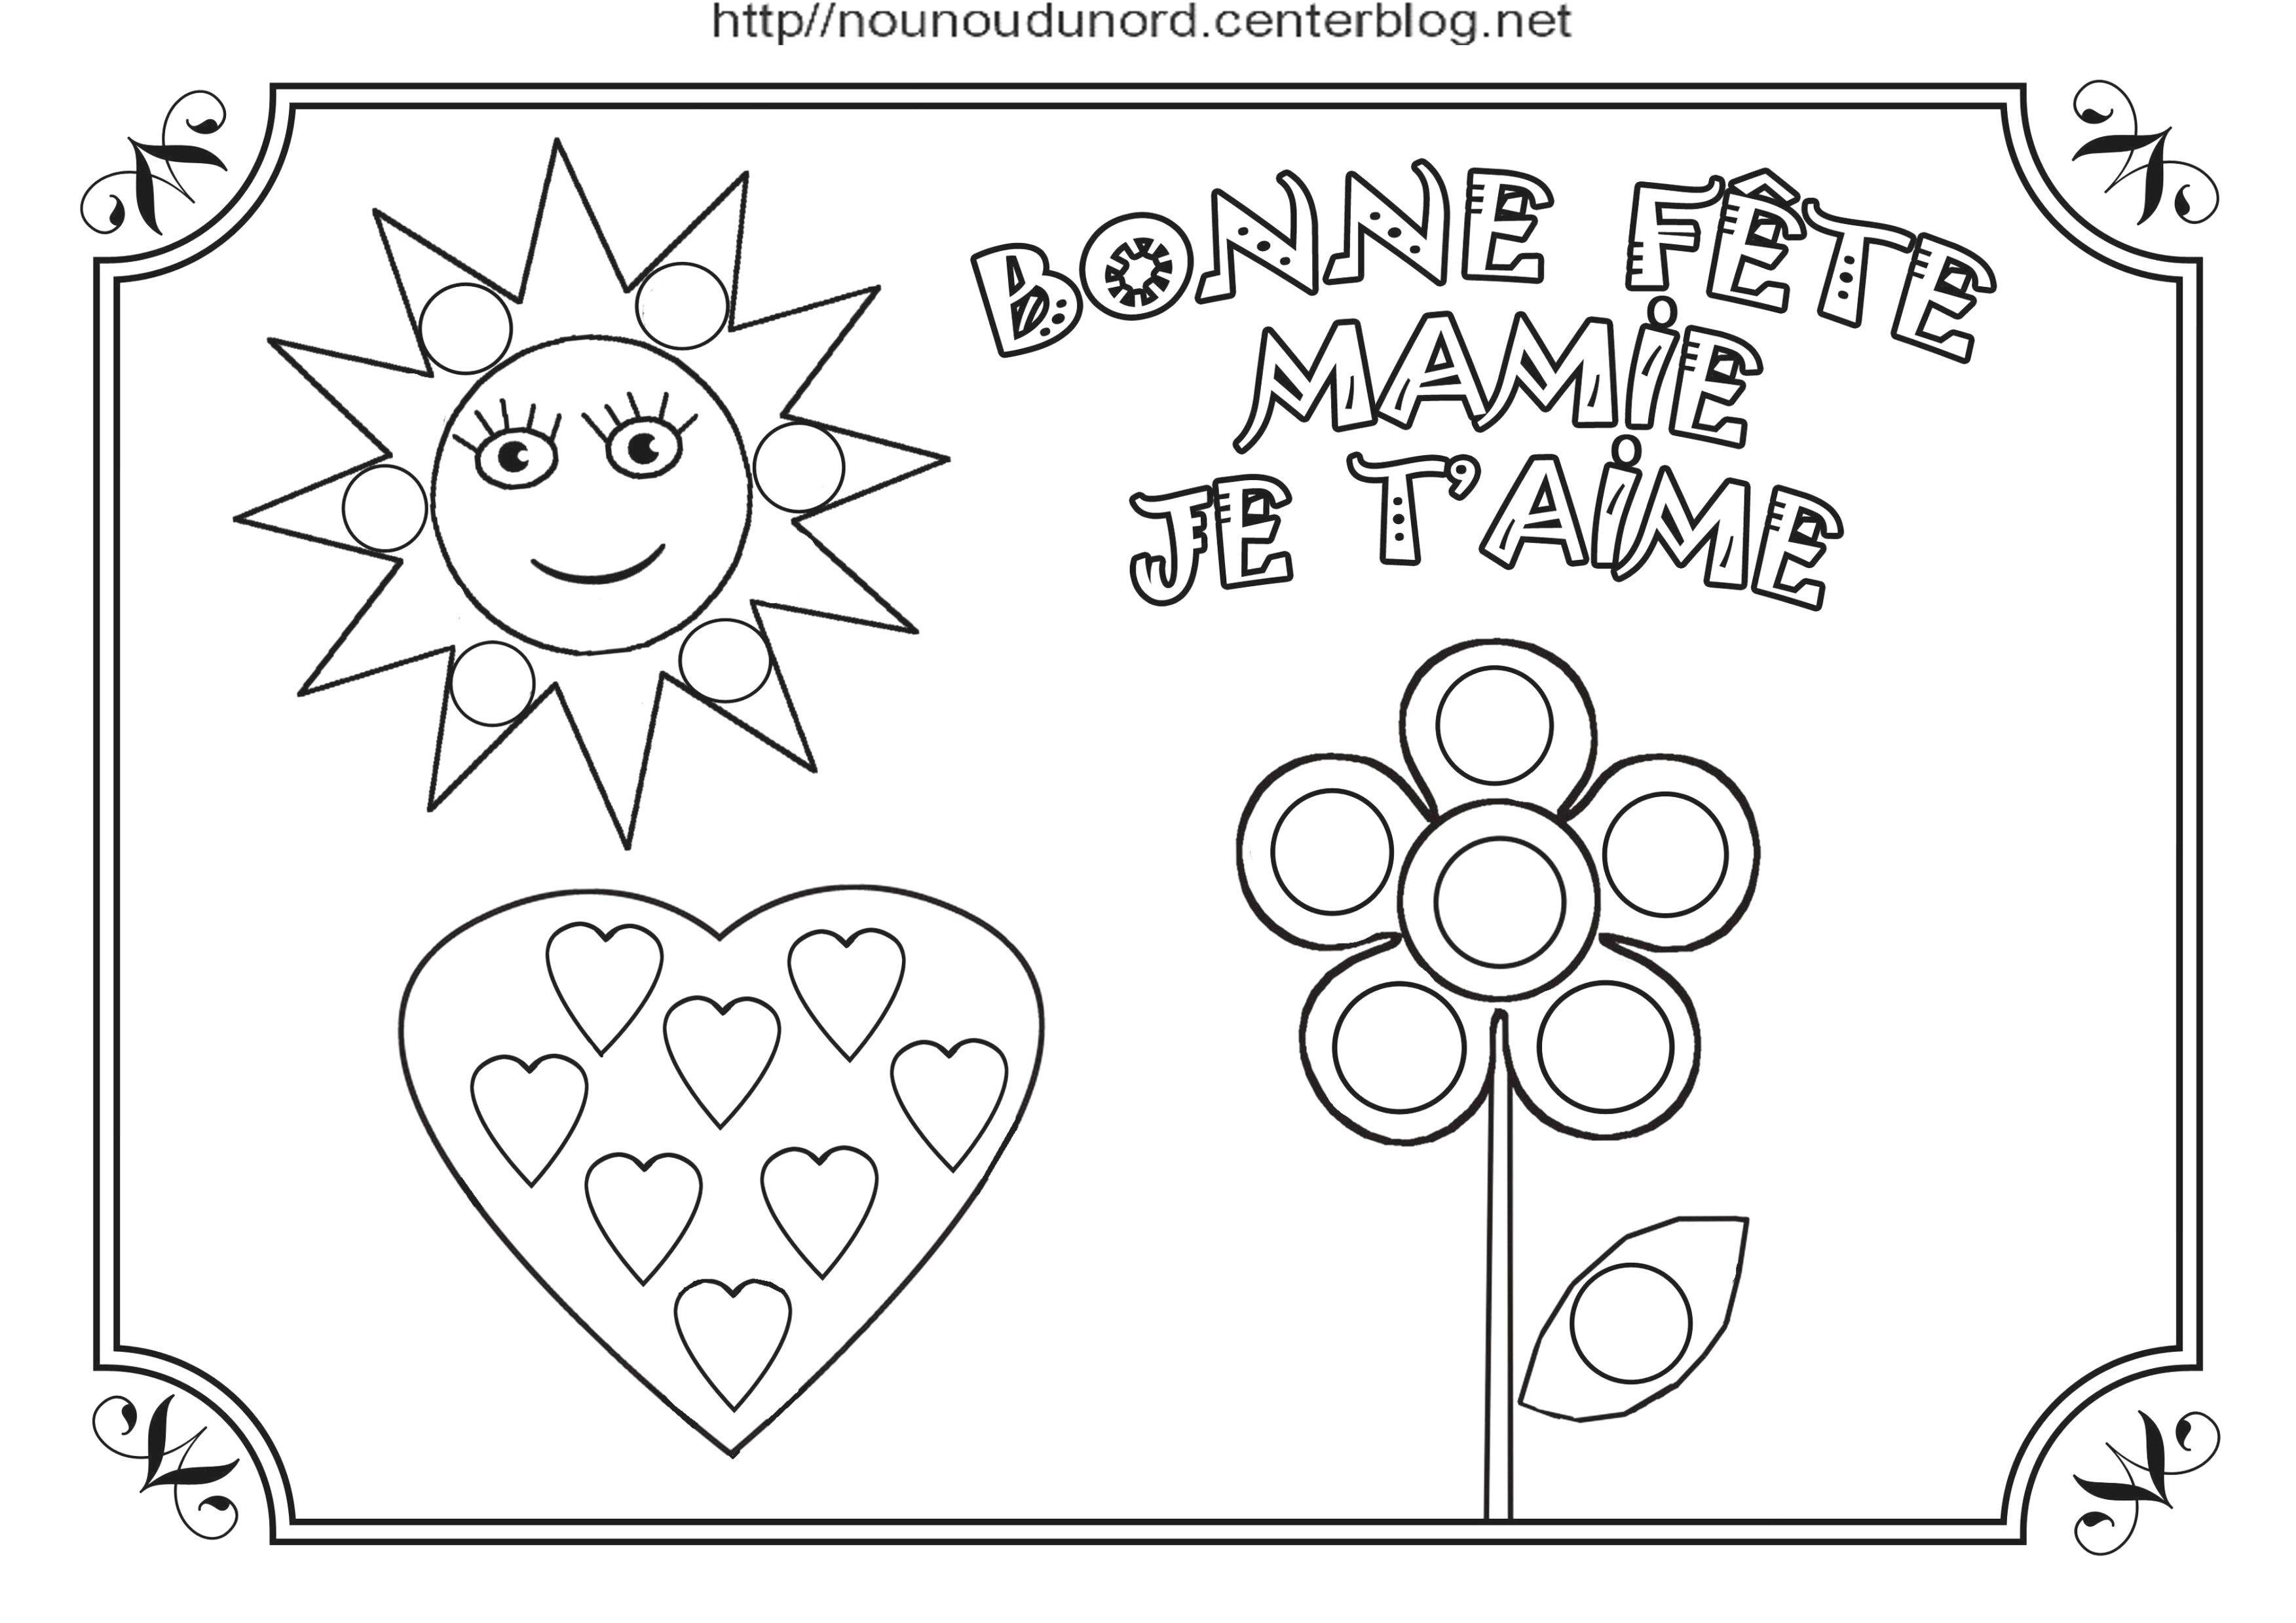 Coloriage Bonne Fete Mamie Atelier Passion